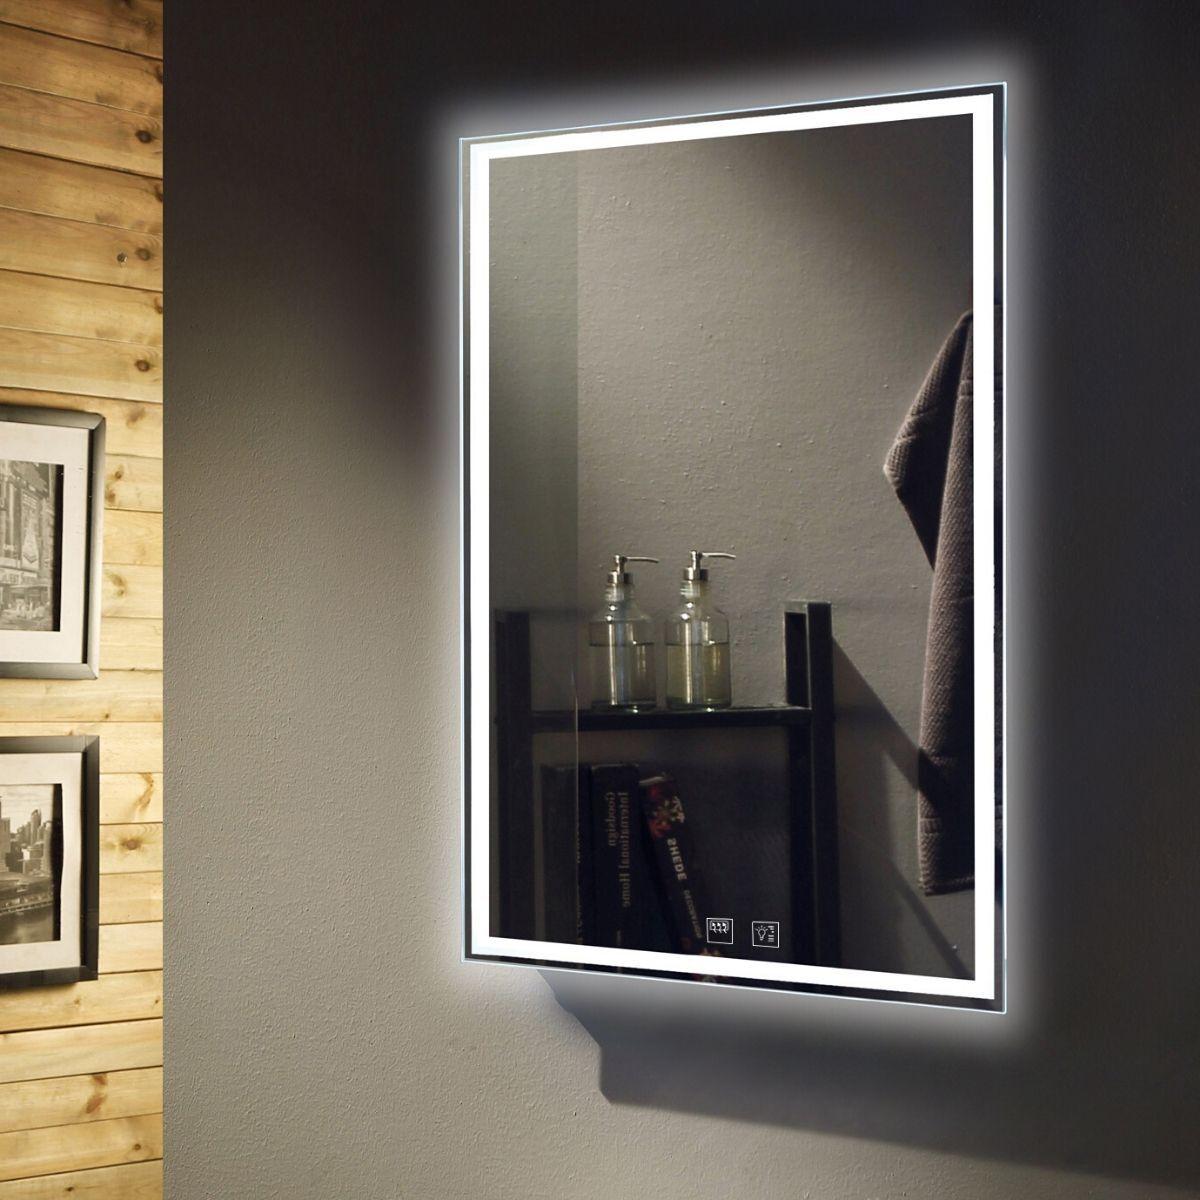 Simple Lighting Slimline Tunable LED Illuminated Mirror With Demister